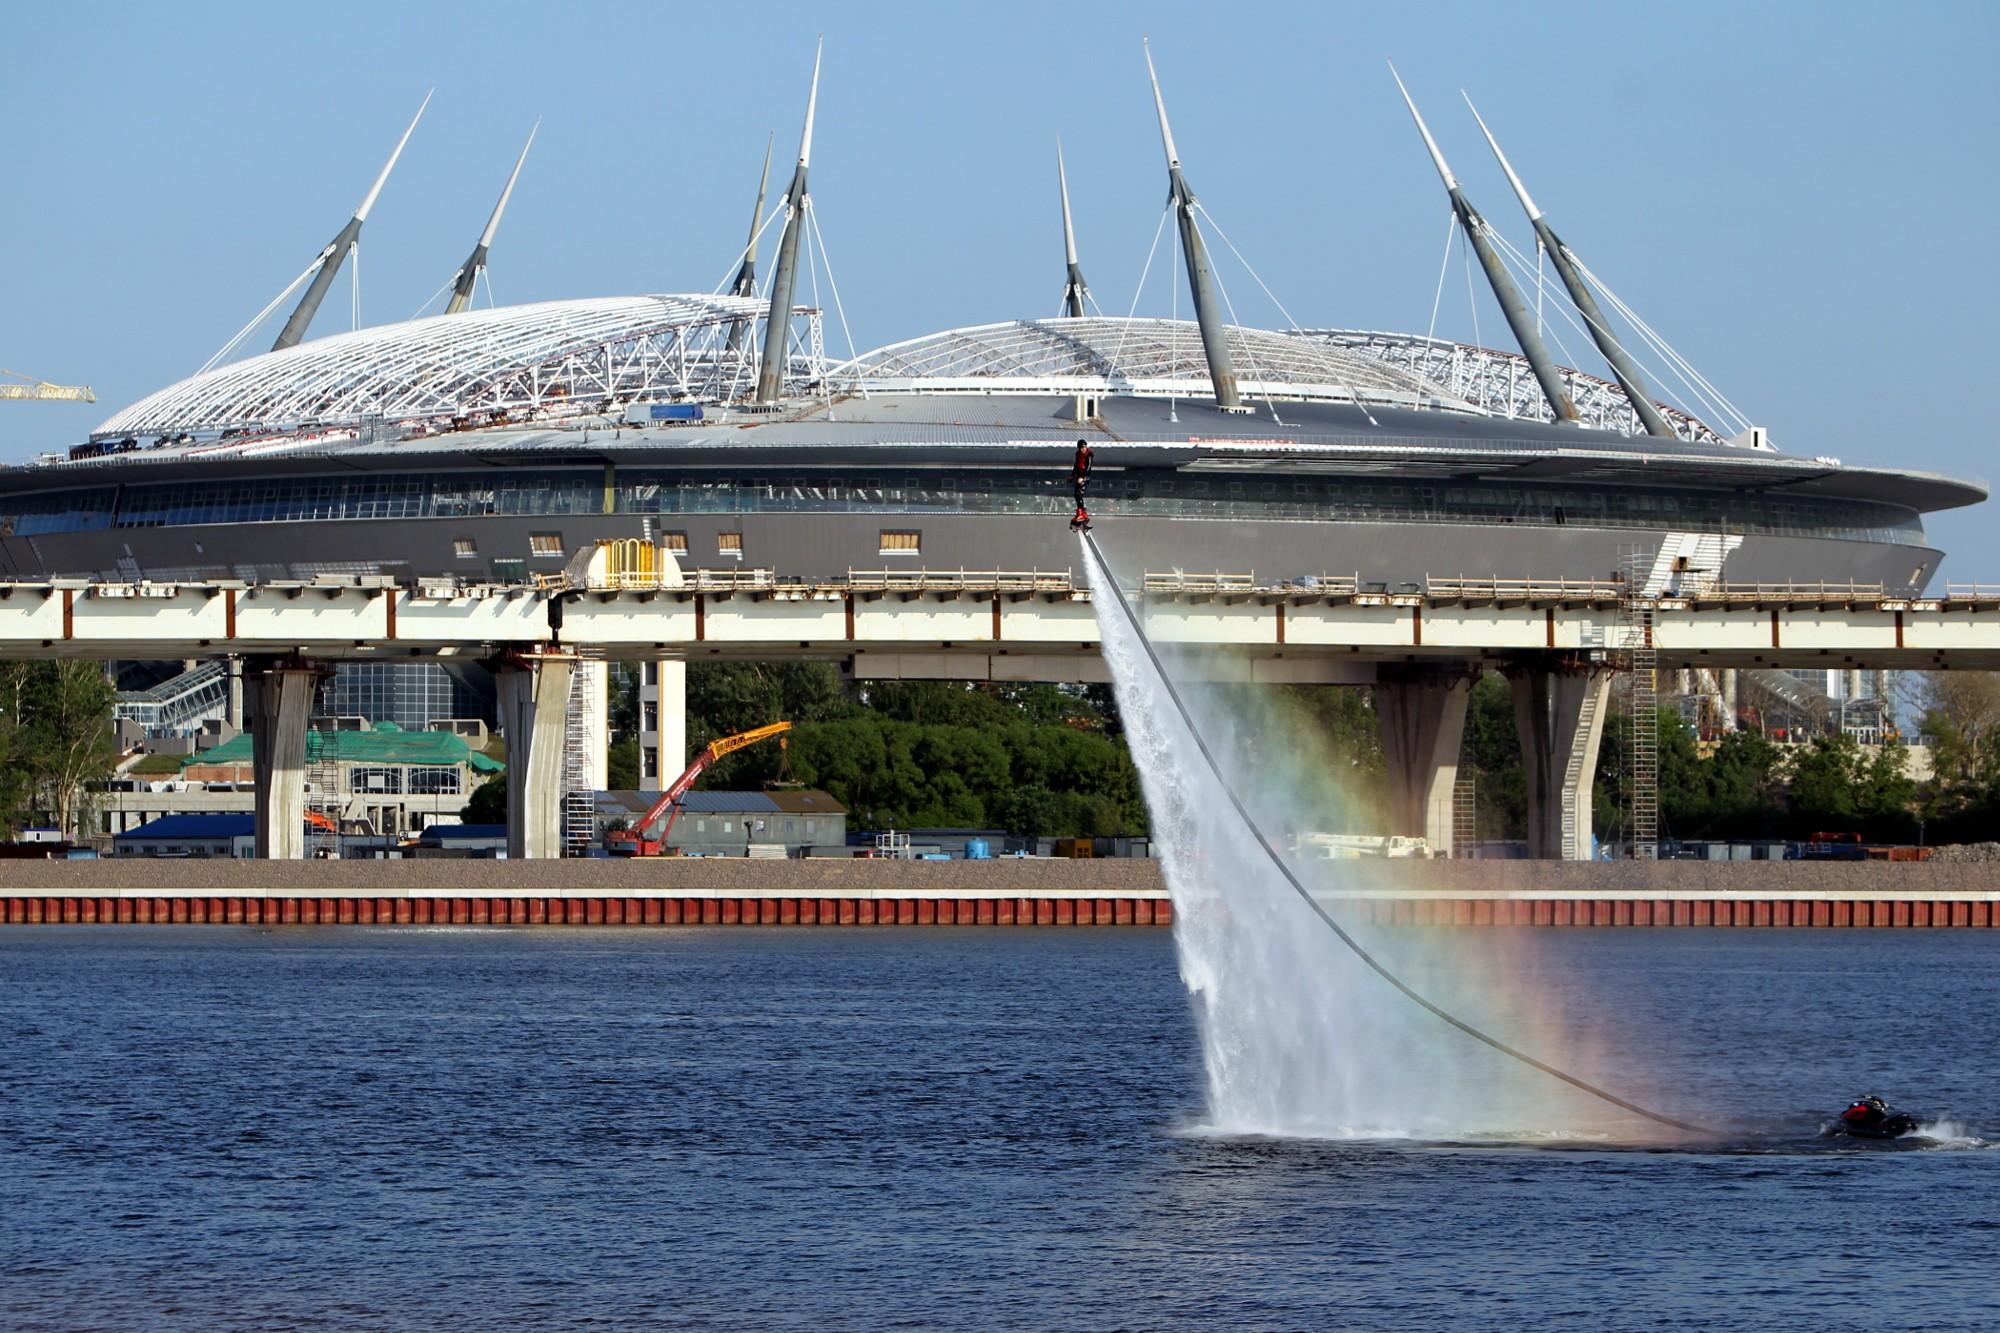 стадион на крестовском острове зенит-арена водный фестиваль радуга флайборд гидрофлай